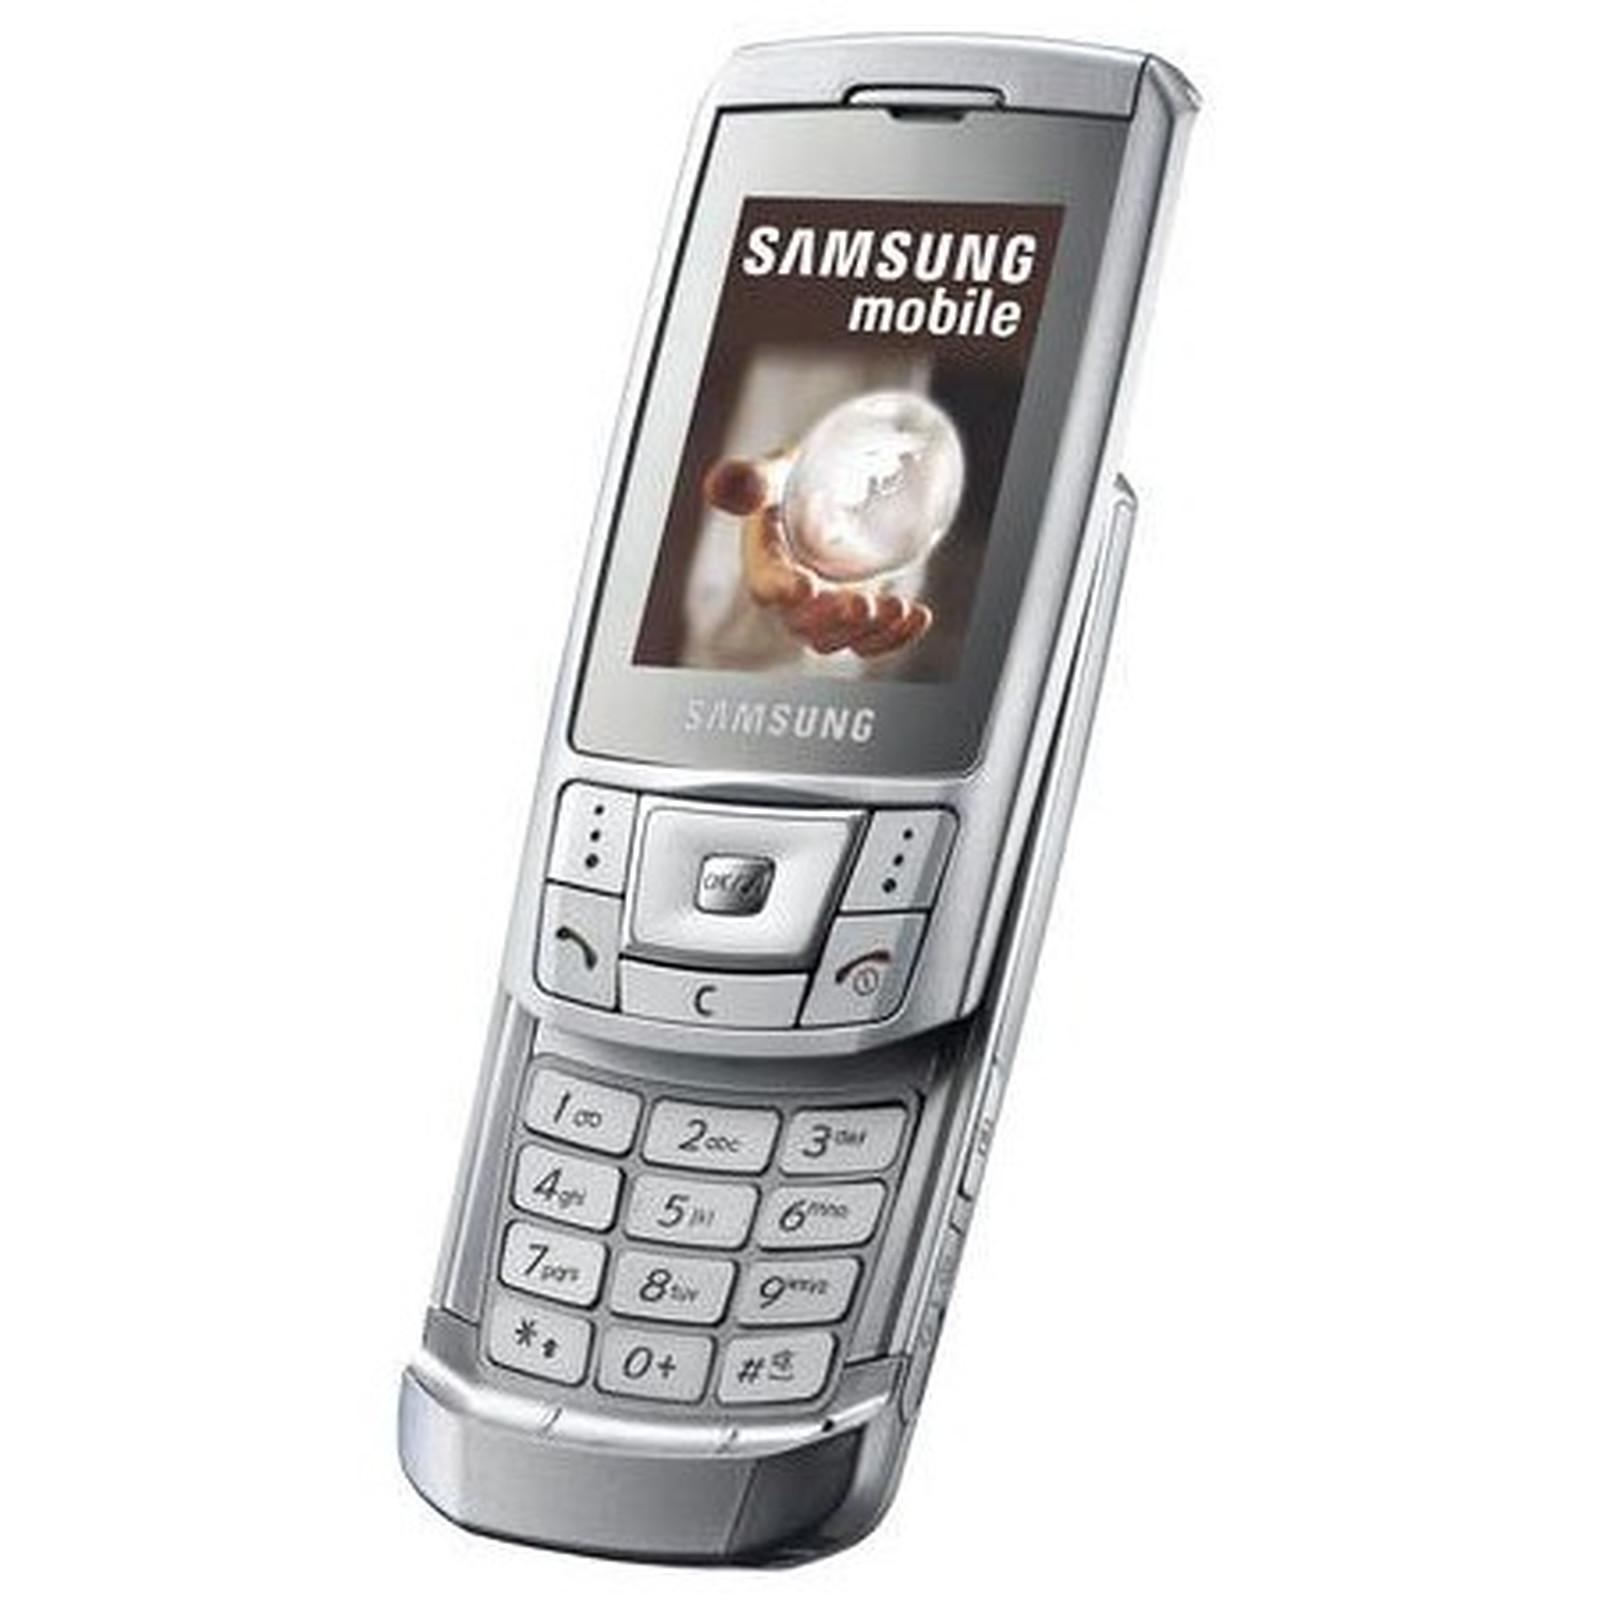 jeux pour samsung d900i